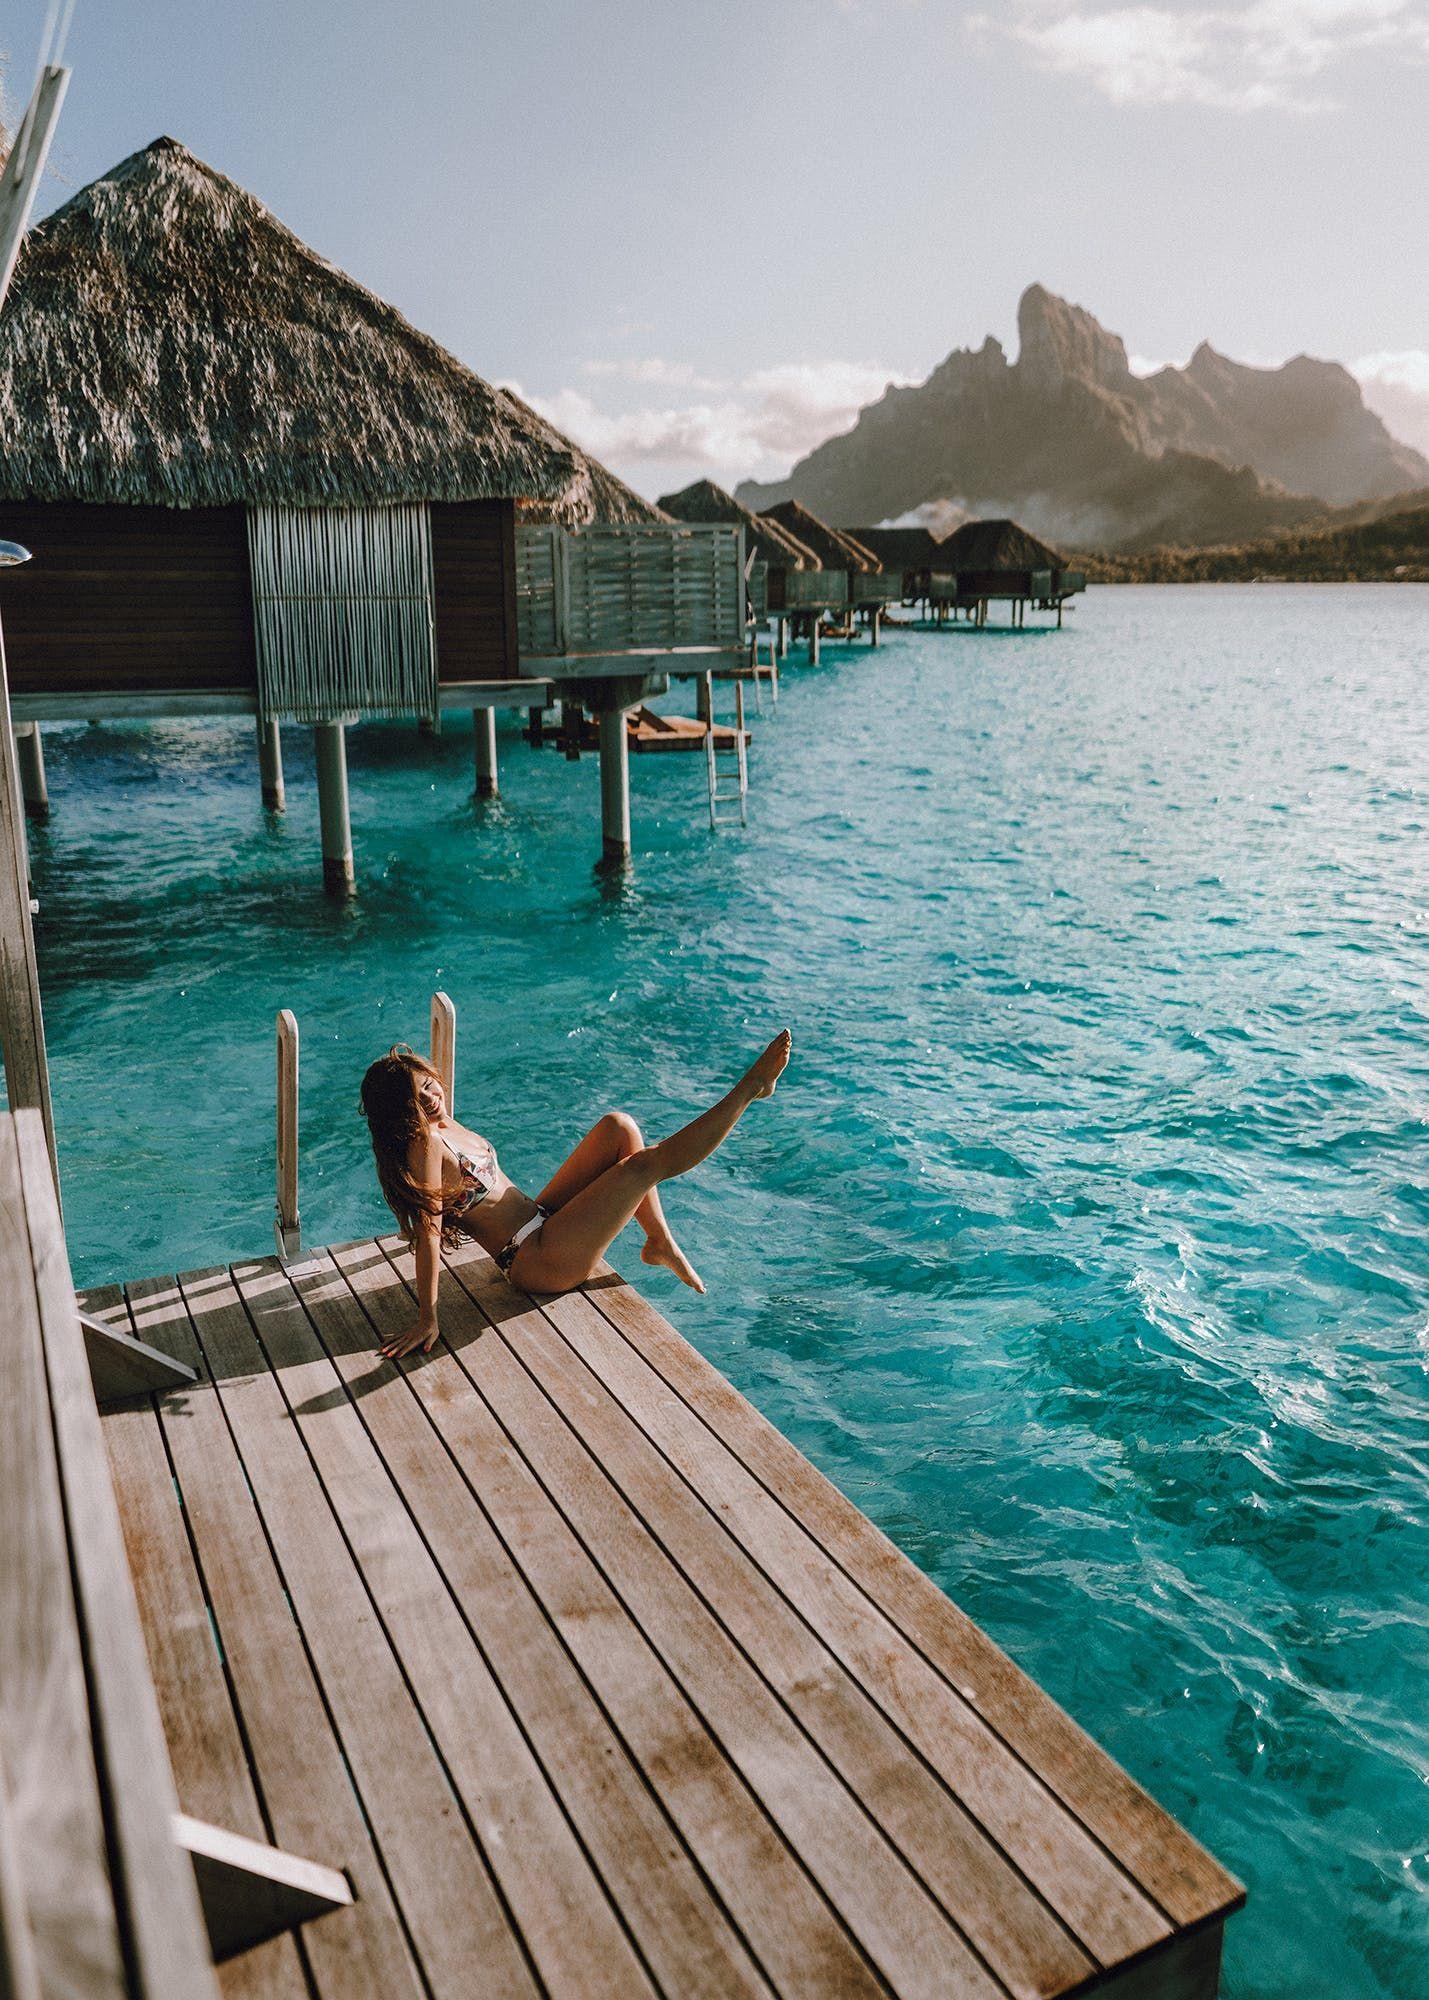 Four Seasons Bora Bora Resort A Honeymoon Dream Away Lands In 2020 Bora Bora Resorts Four Seasons Bora Bora Bora Bora